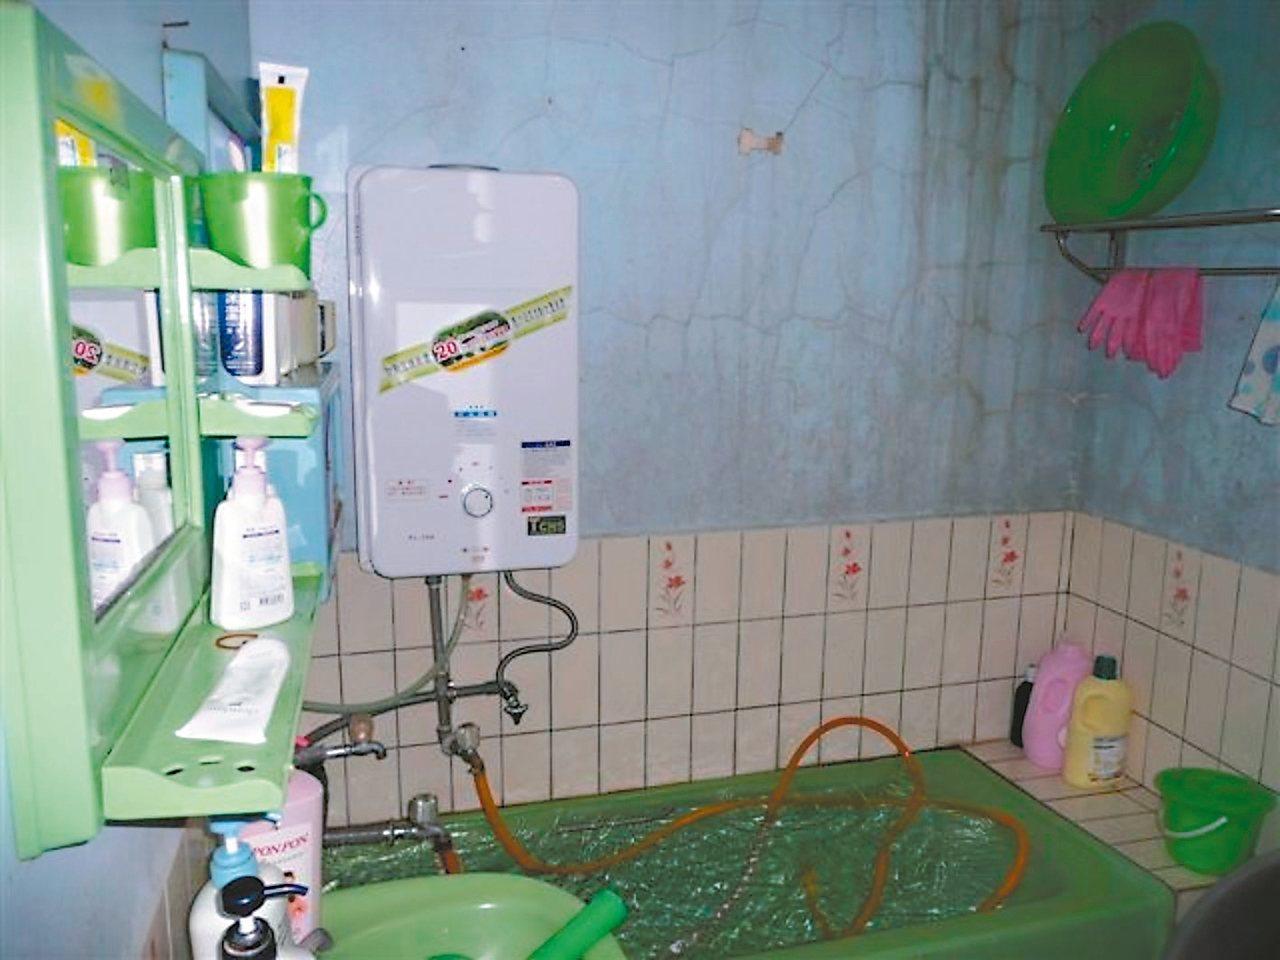 戶外型熱水器裝在室內,廢氣無法排出,易發生一氧化碳中毒。 圖/彰化縣消防局提供